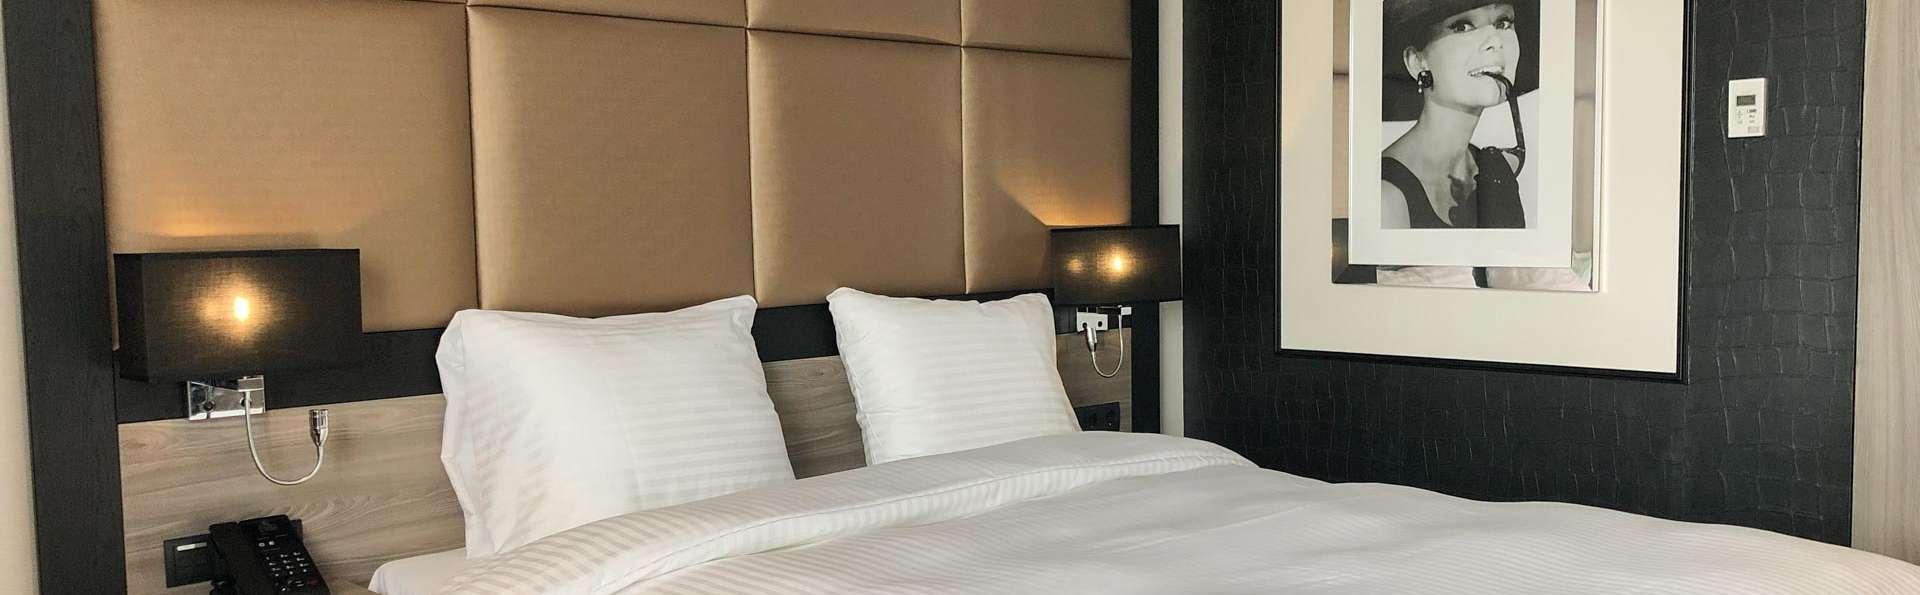 Riva Hotel  - EDIT_NEW_ROOM_01.jpg